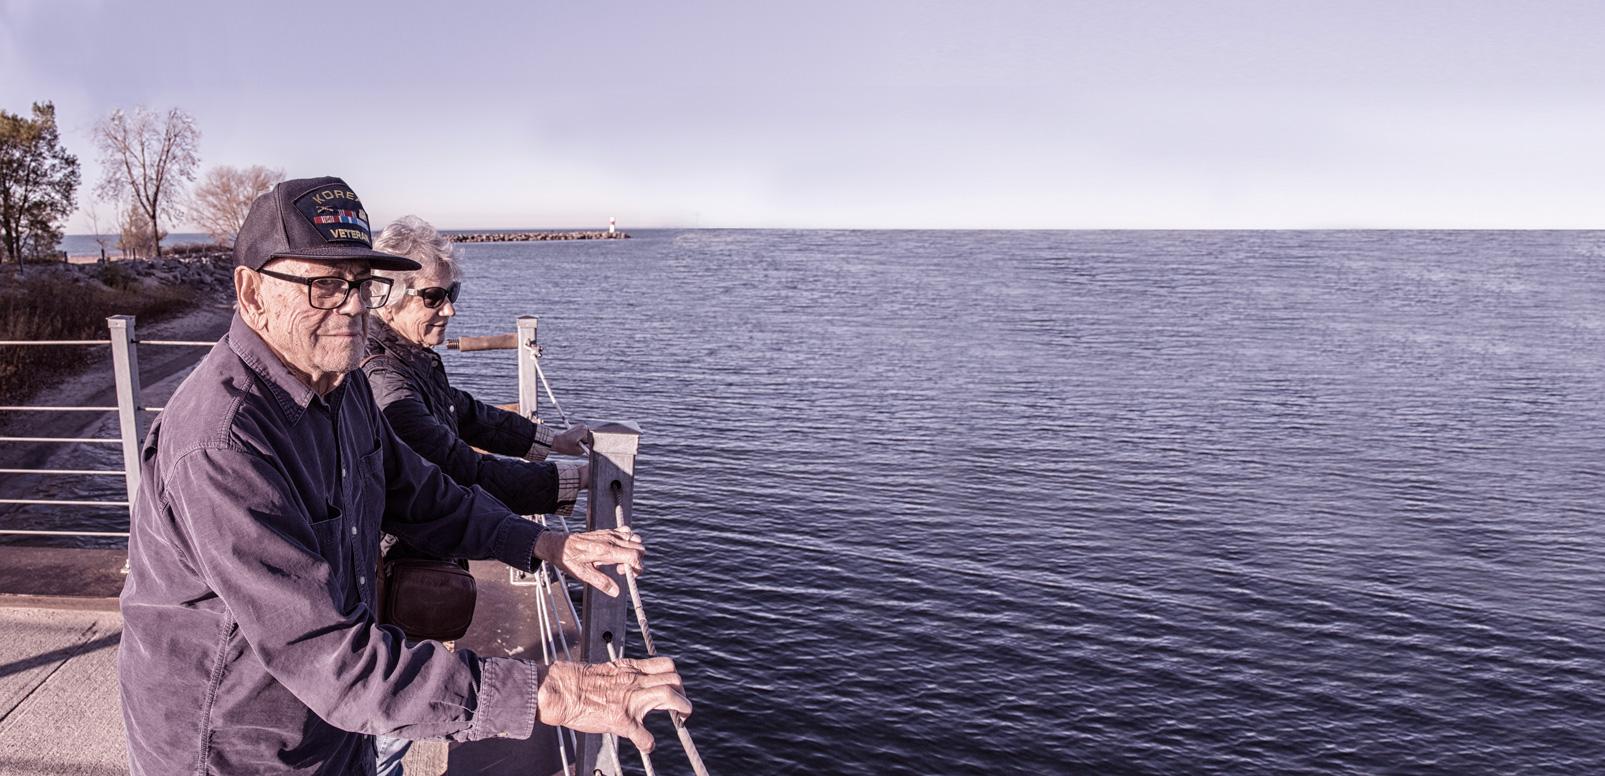 Korean War Veteran and his wife overlooking the ocean